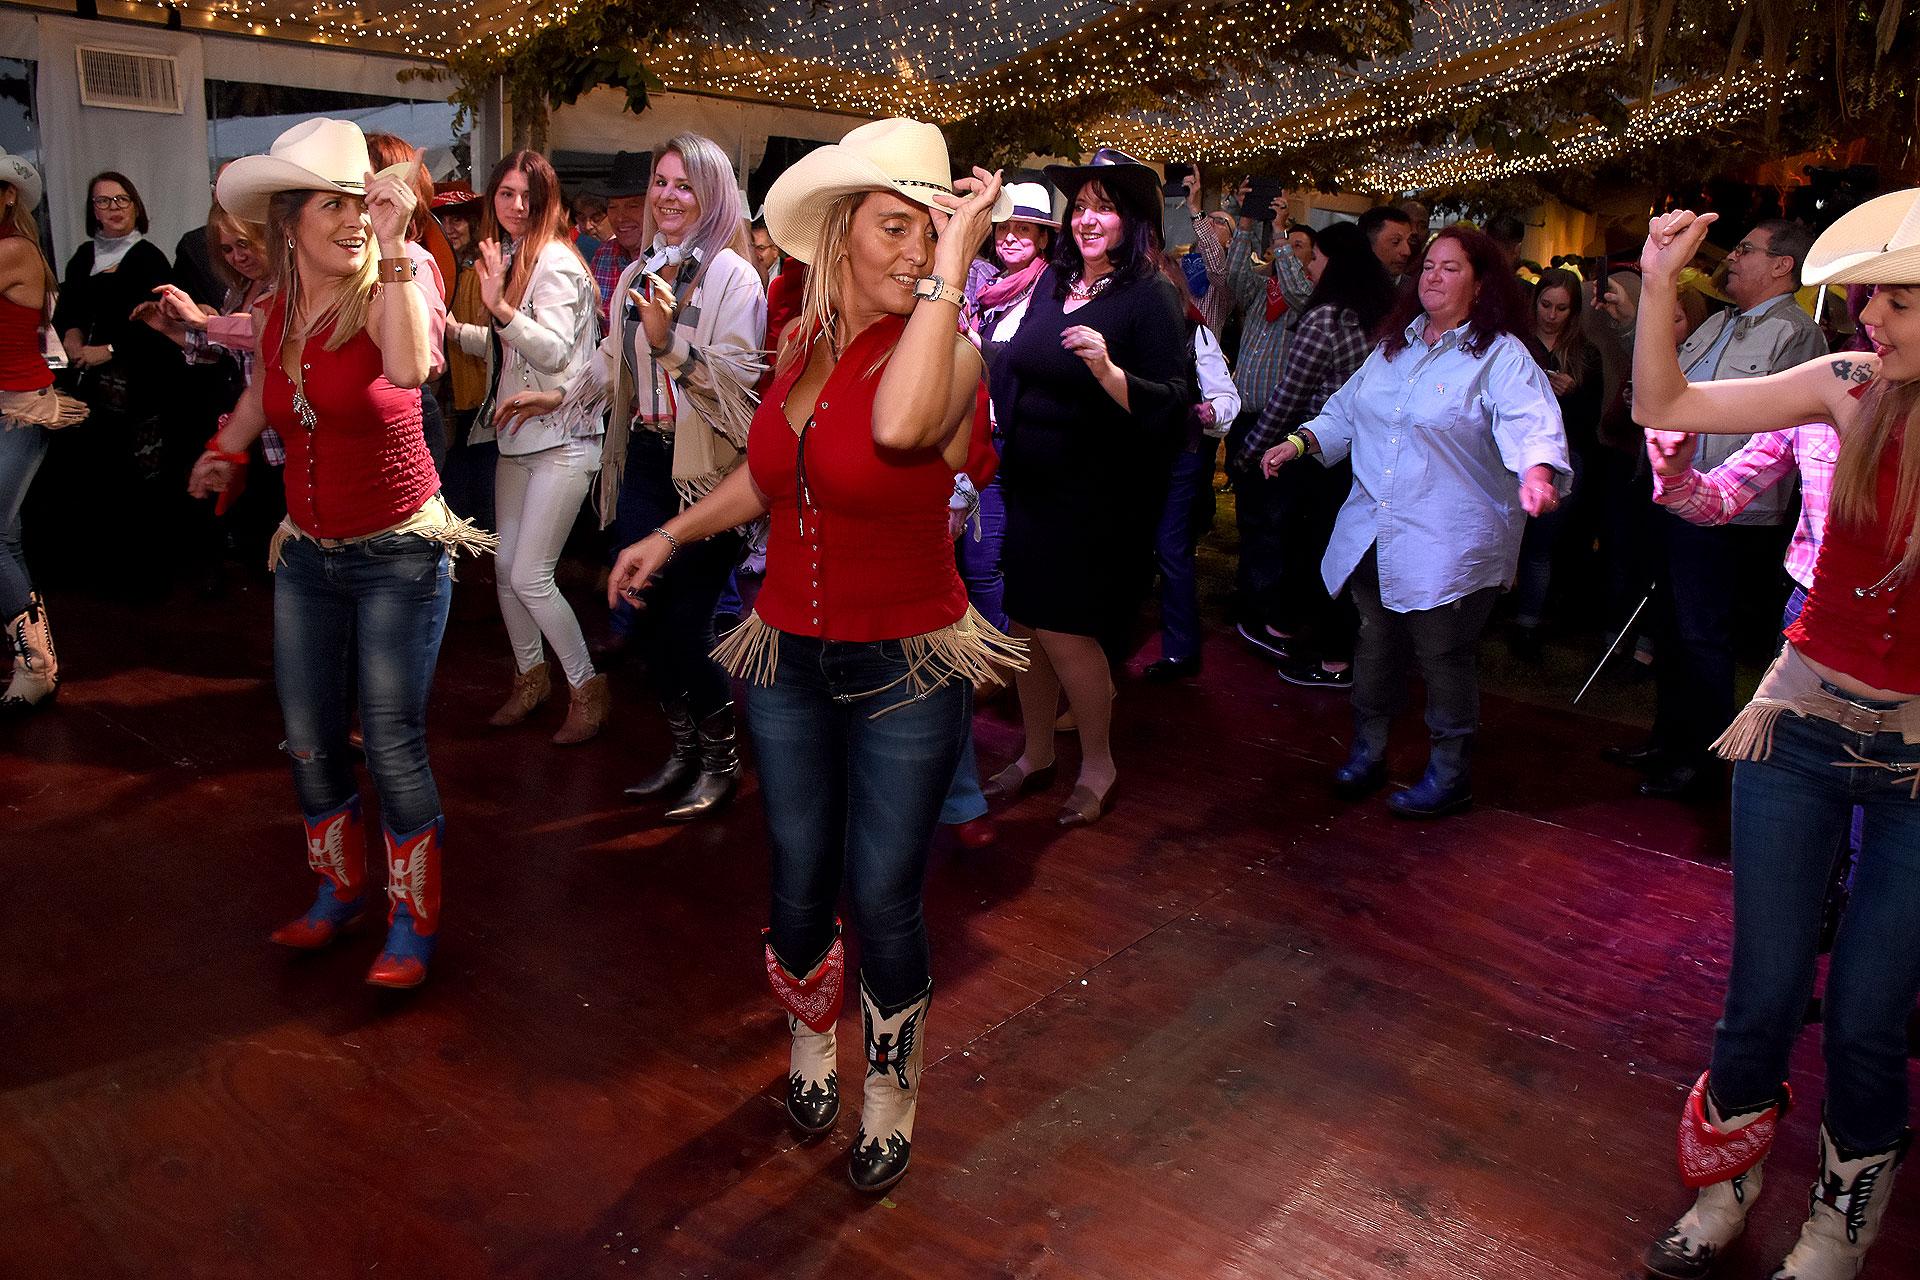 Música country con coreografía para festejar el 4 de julio